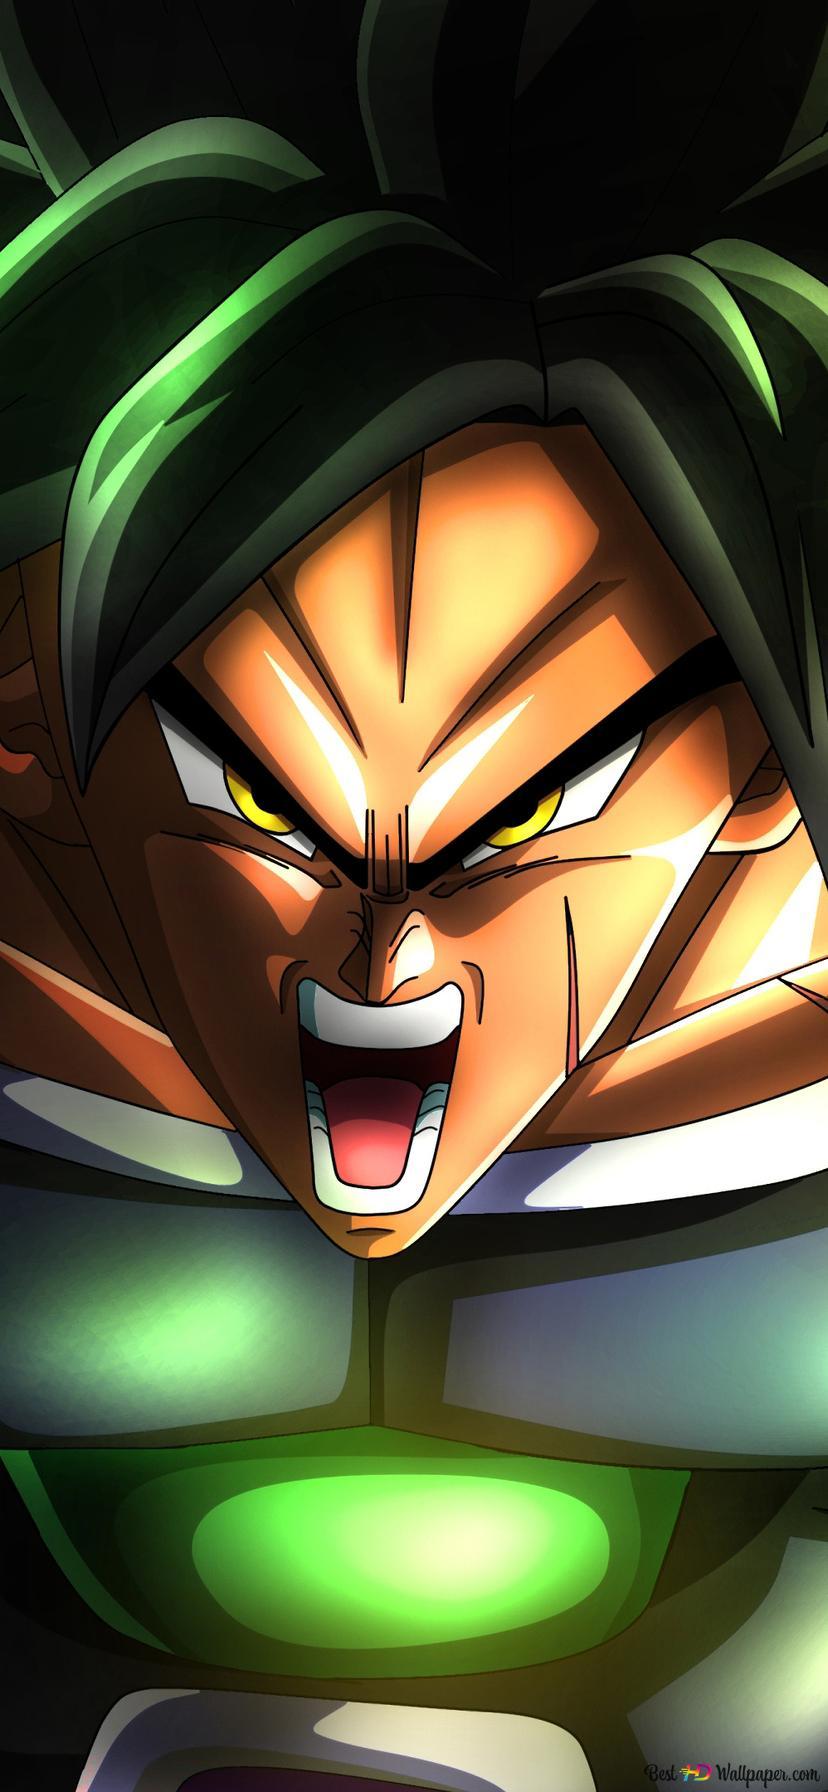 Descargar Fondo De Pantalla Dragon Ball Super Broly Hd